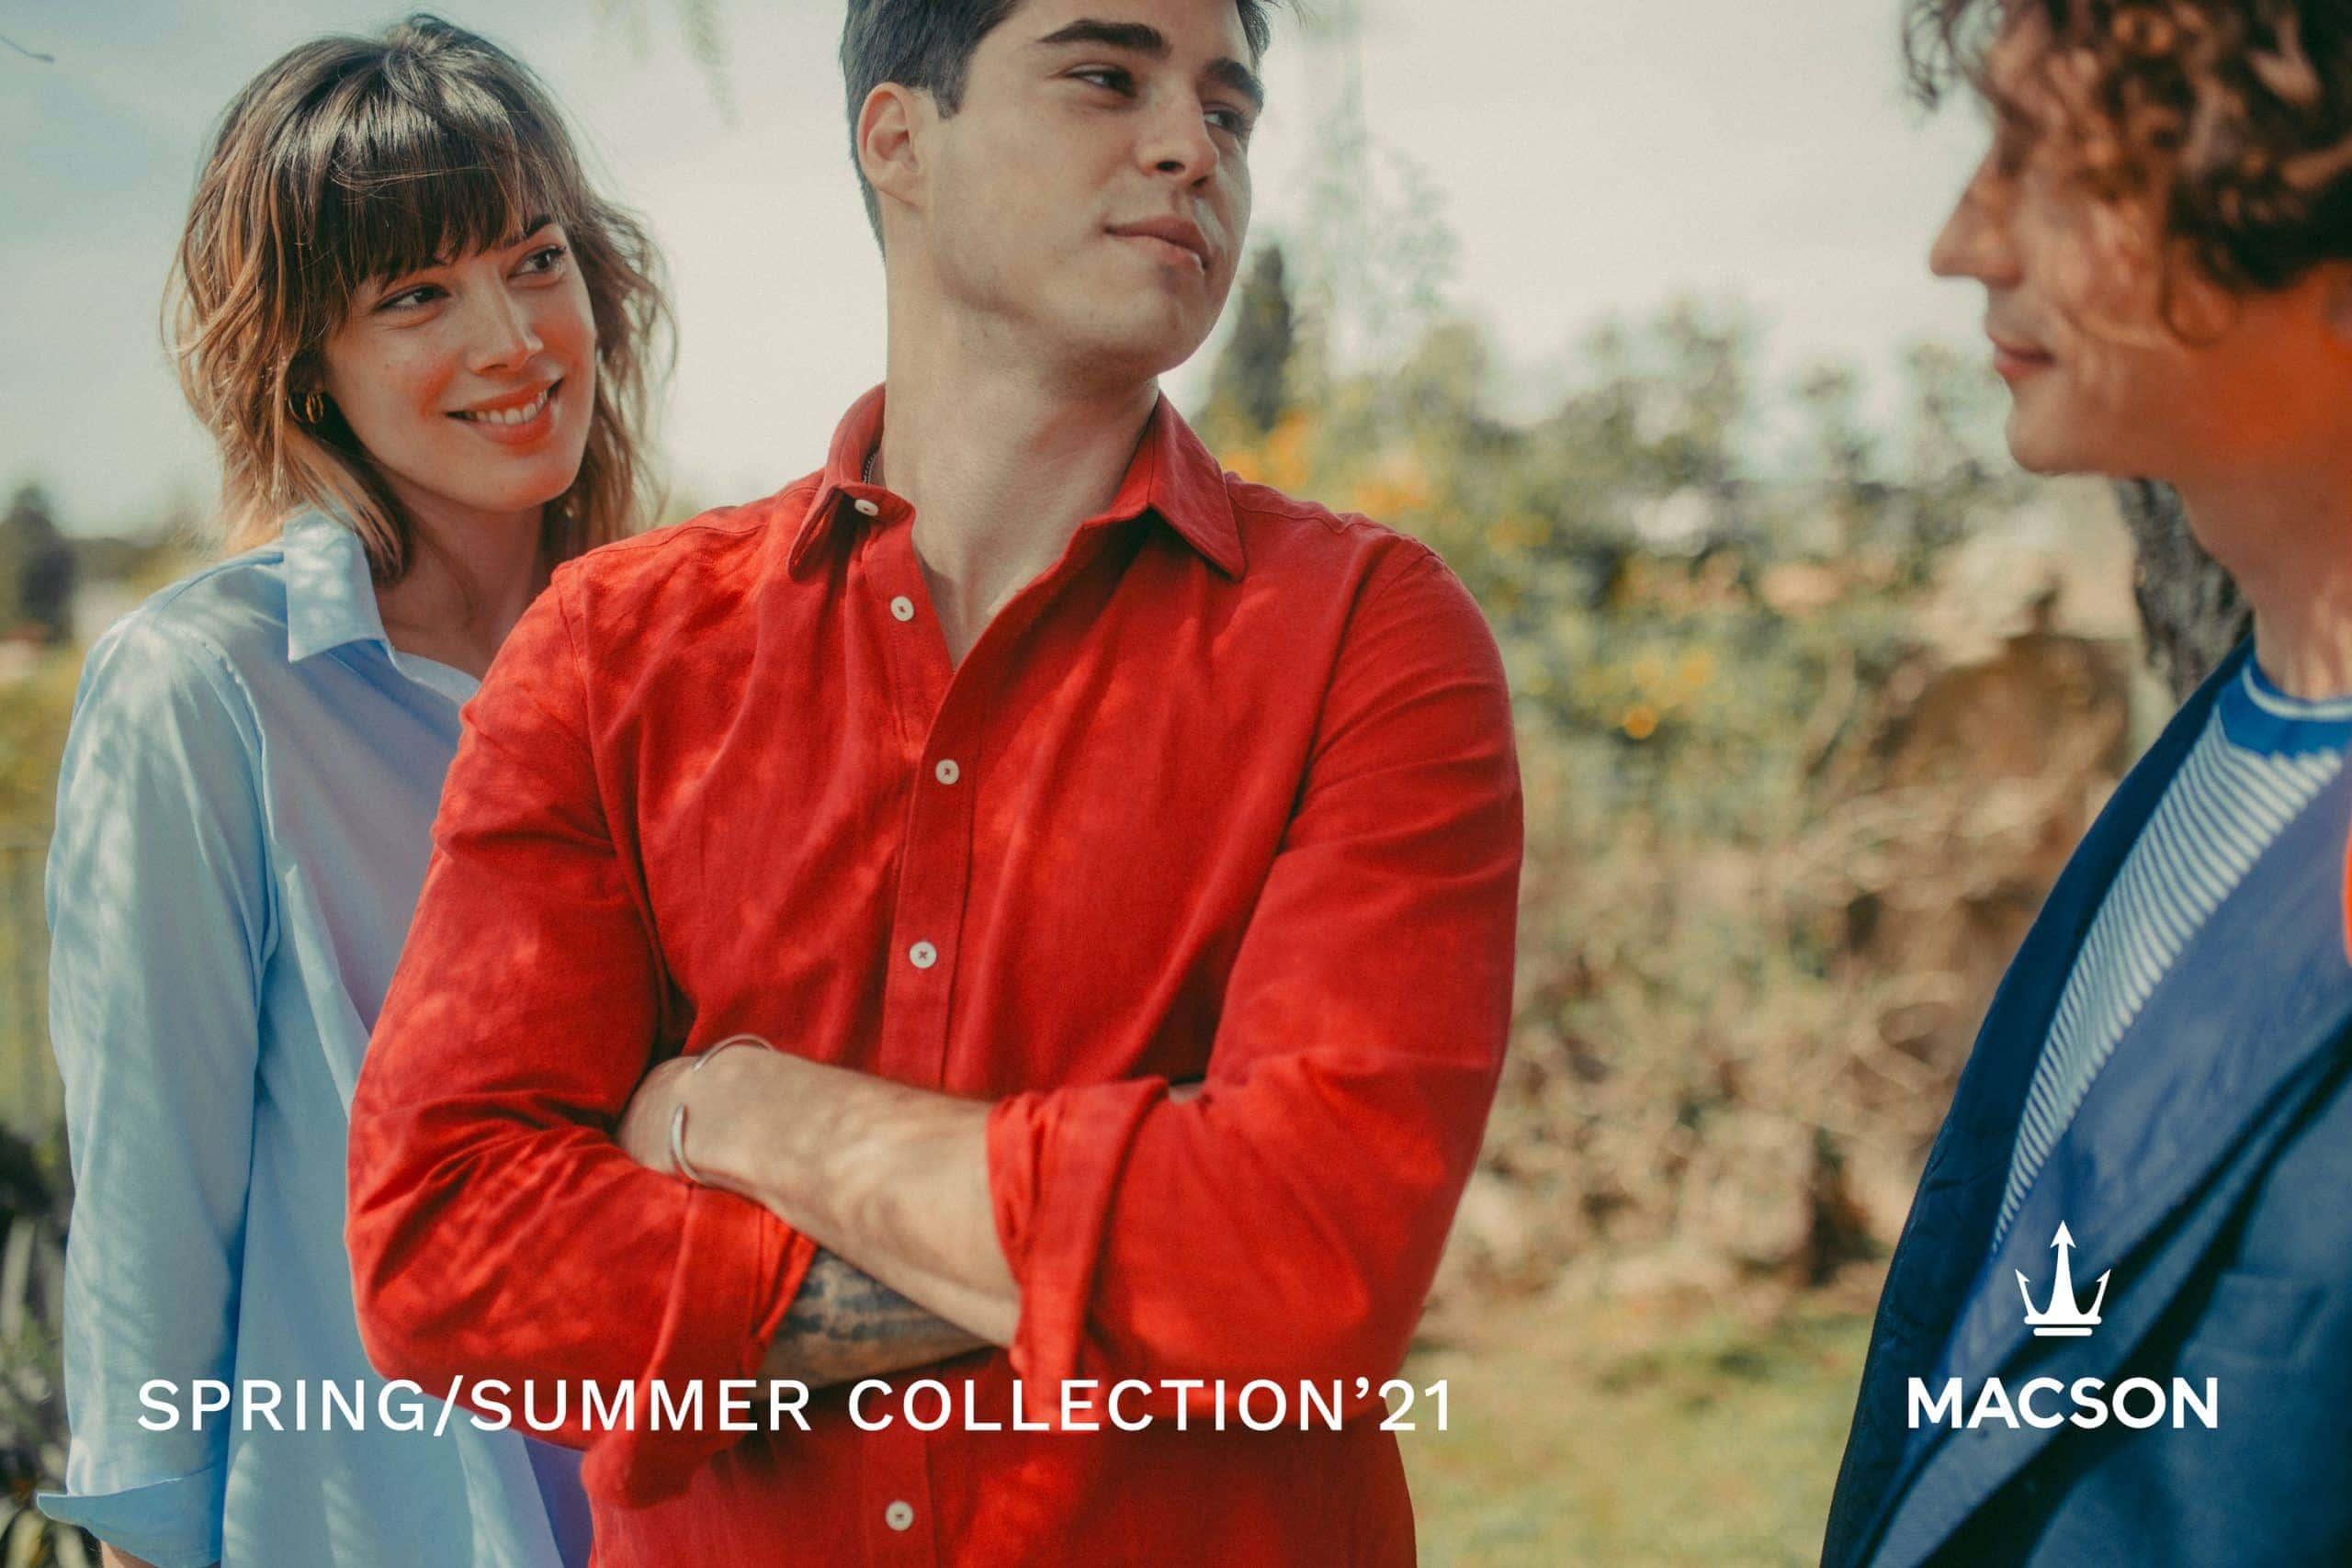 Modelo del ecommerce de moda Macson.